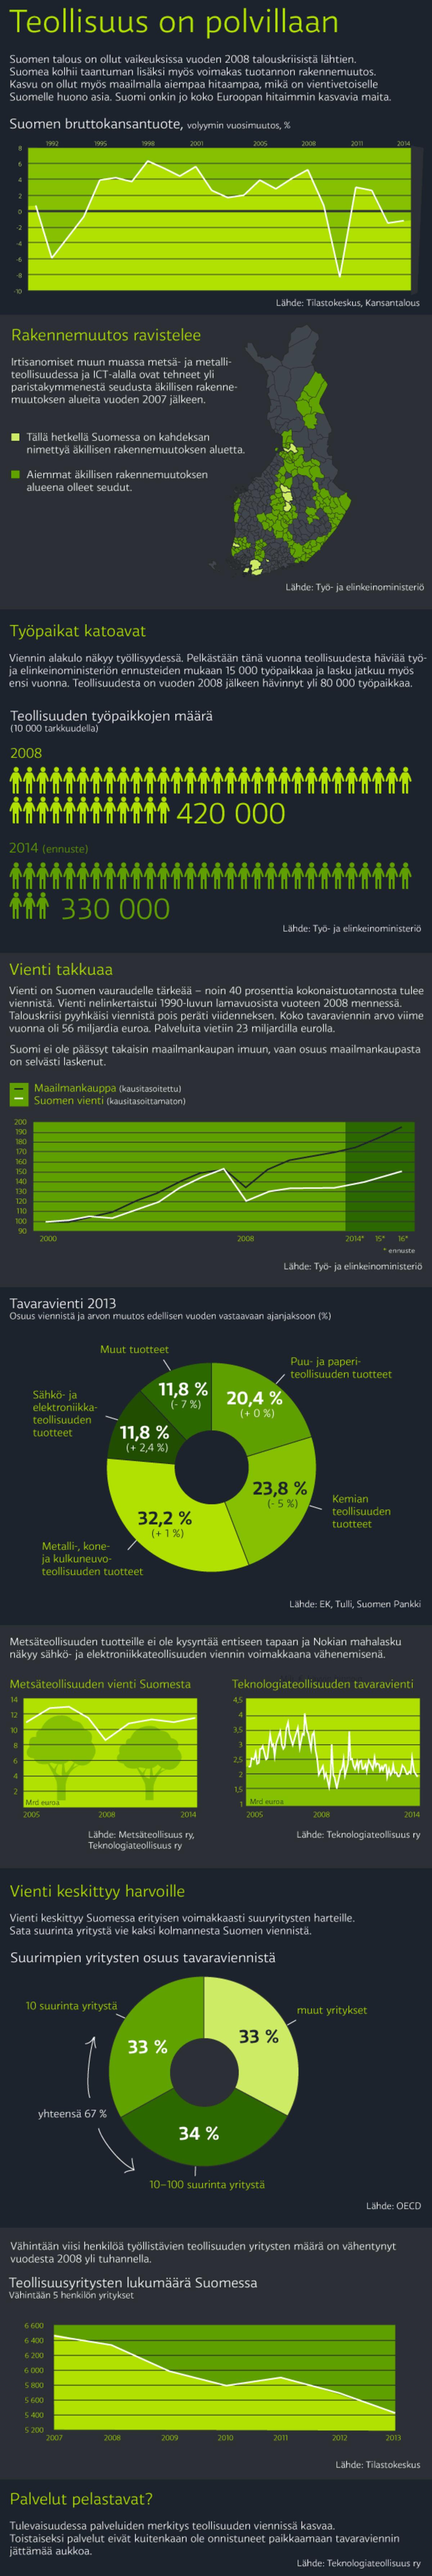 Näin Suomen teollisuus on syöksynyt -infografiikka